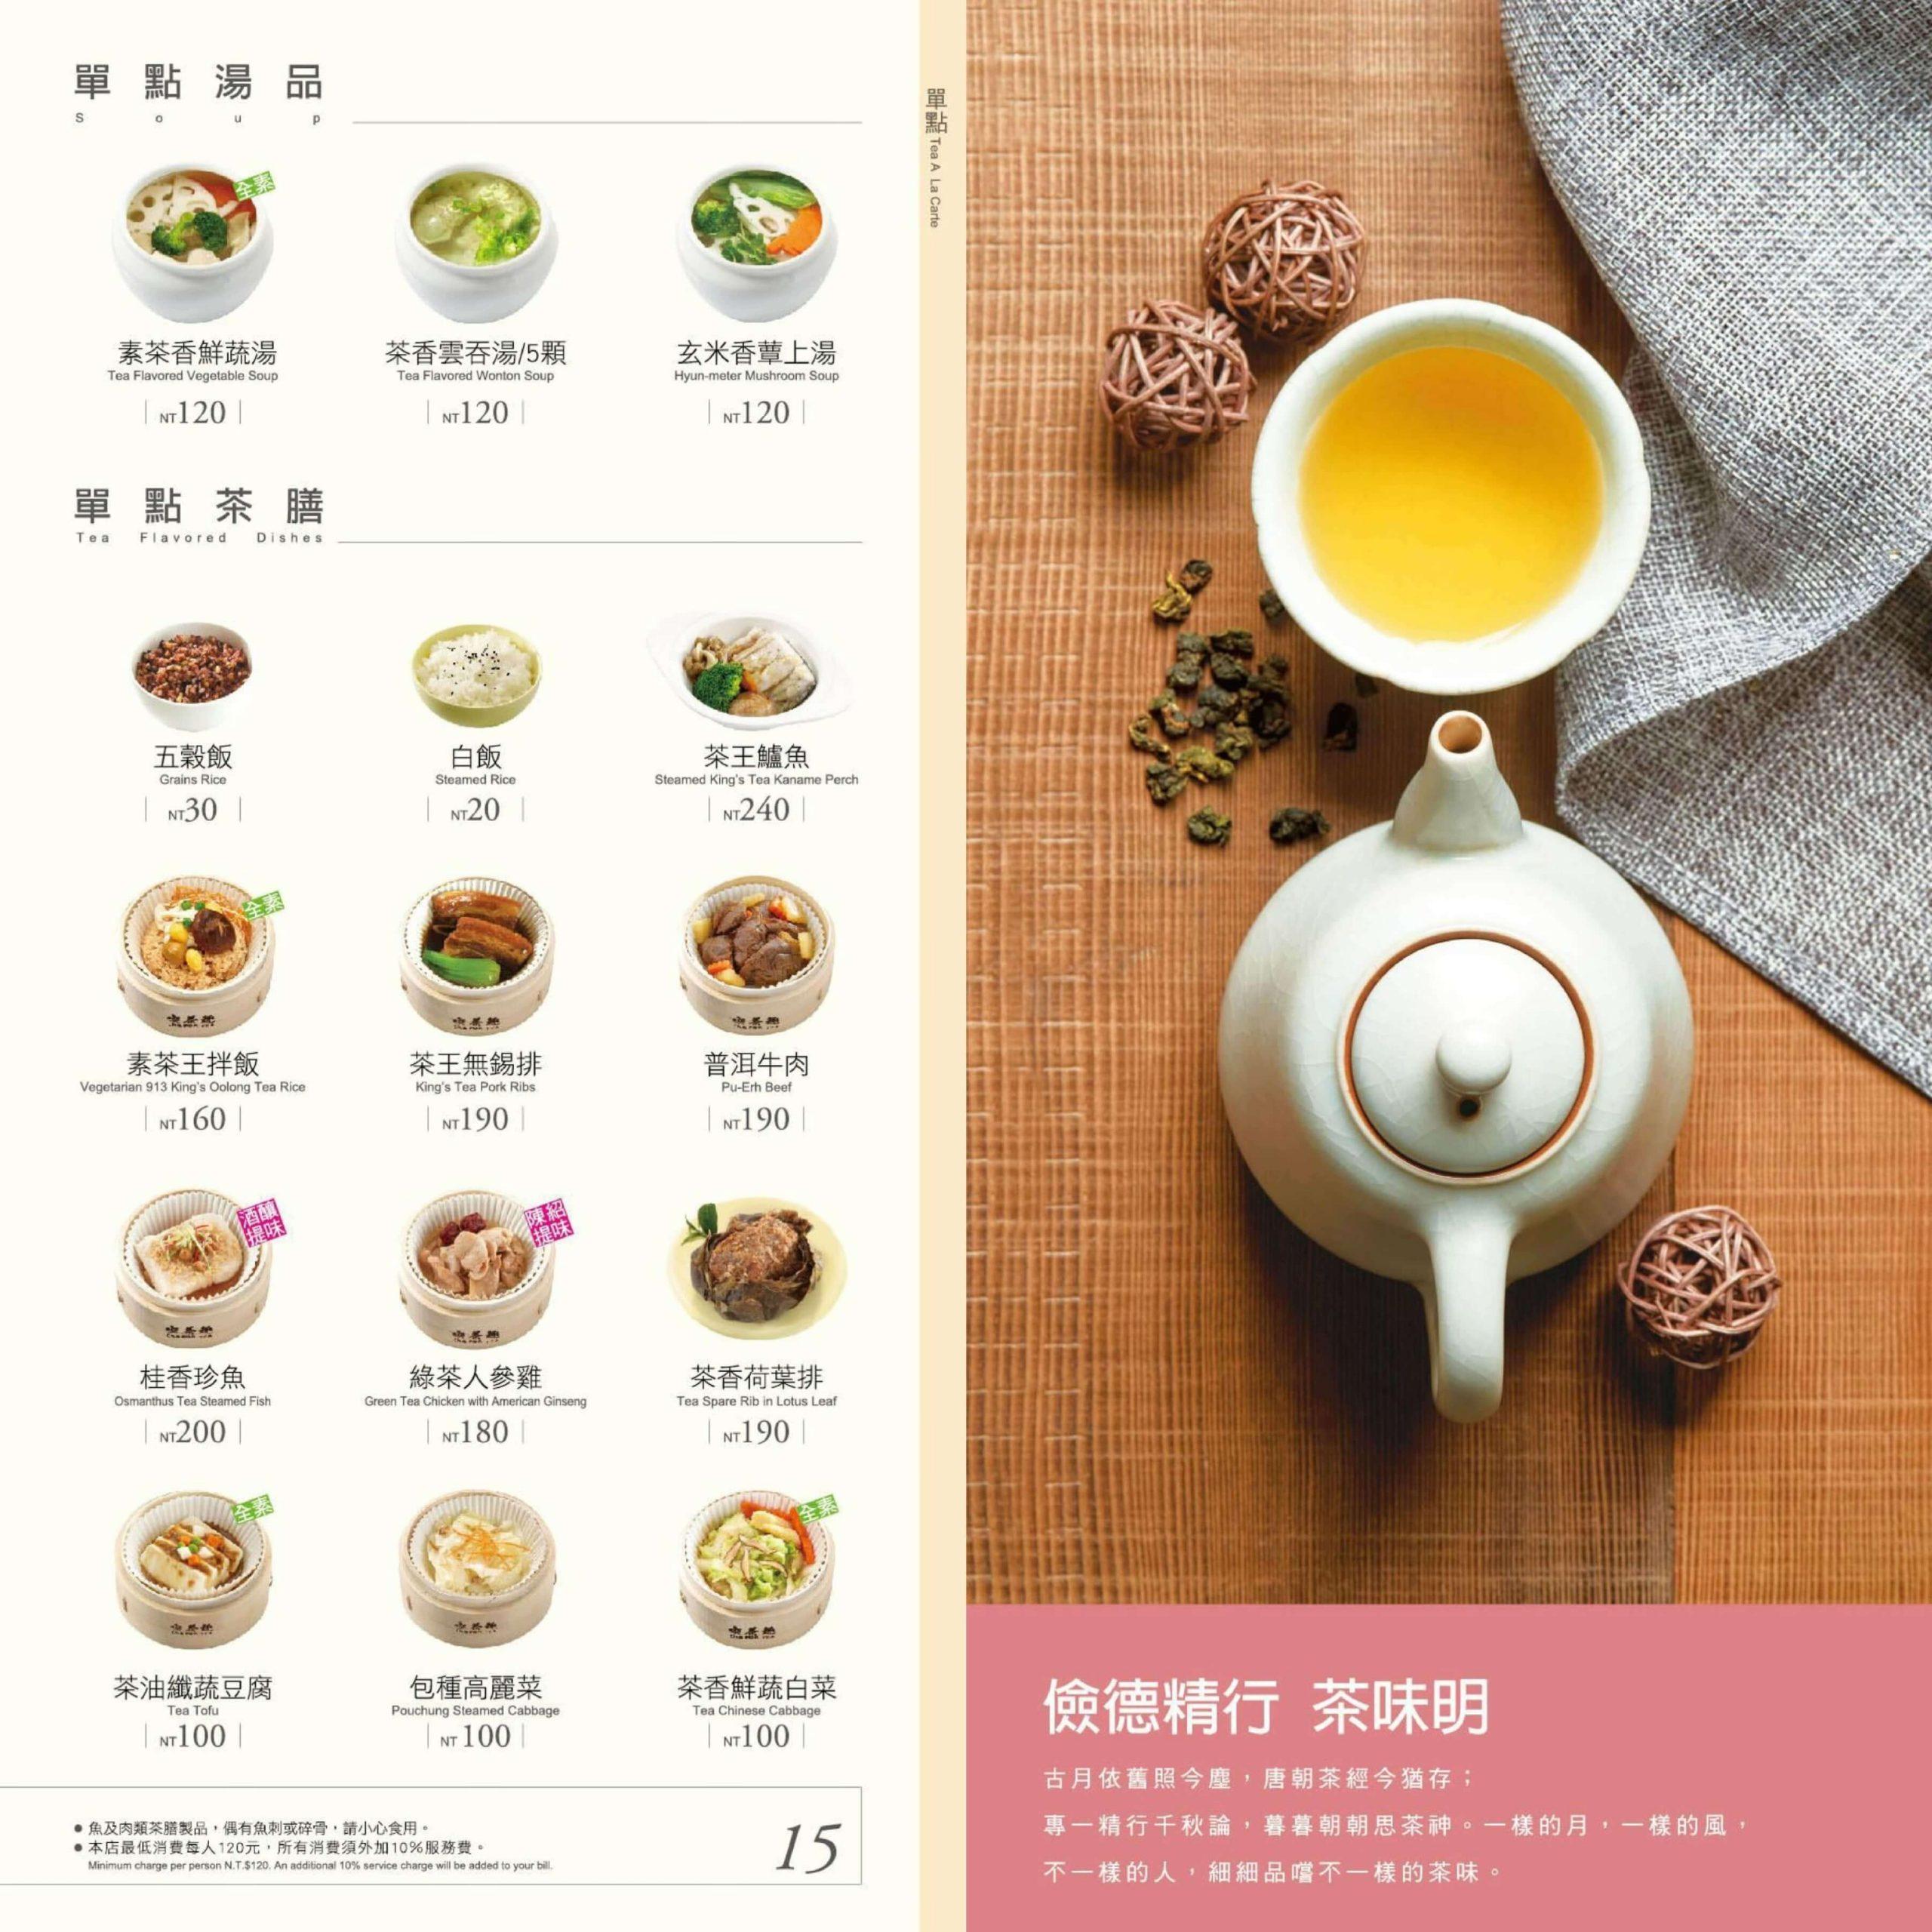 天仁茗茶菜單MENU